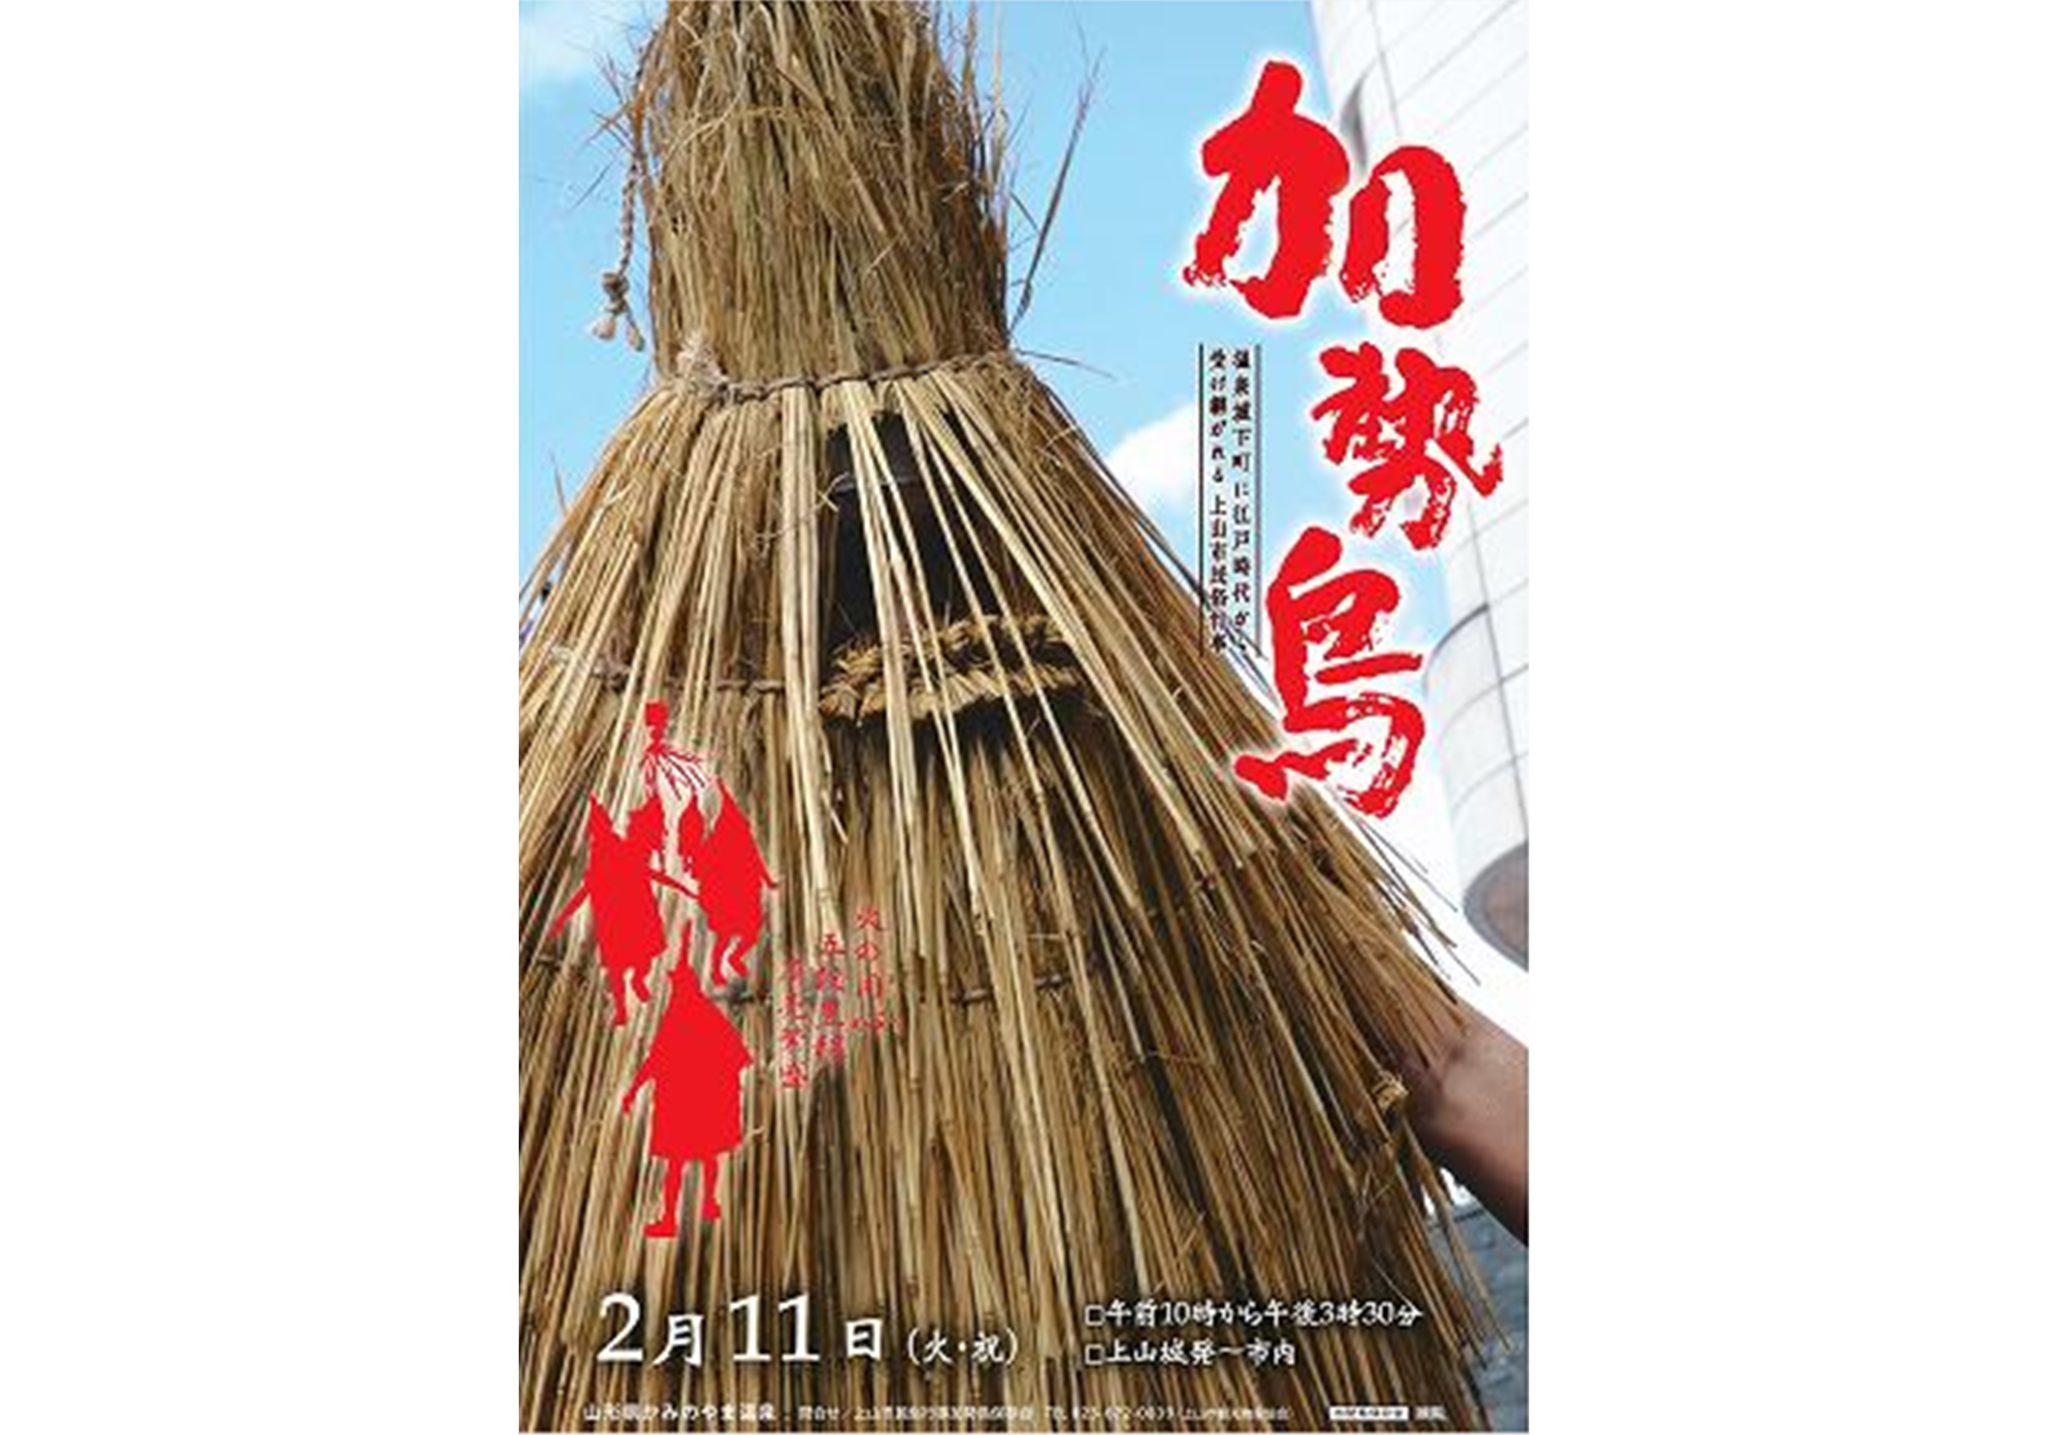 上山市民俗行事『加勢鳥』